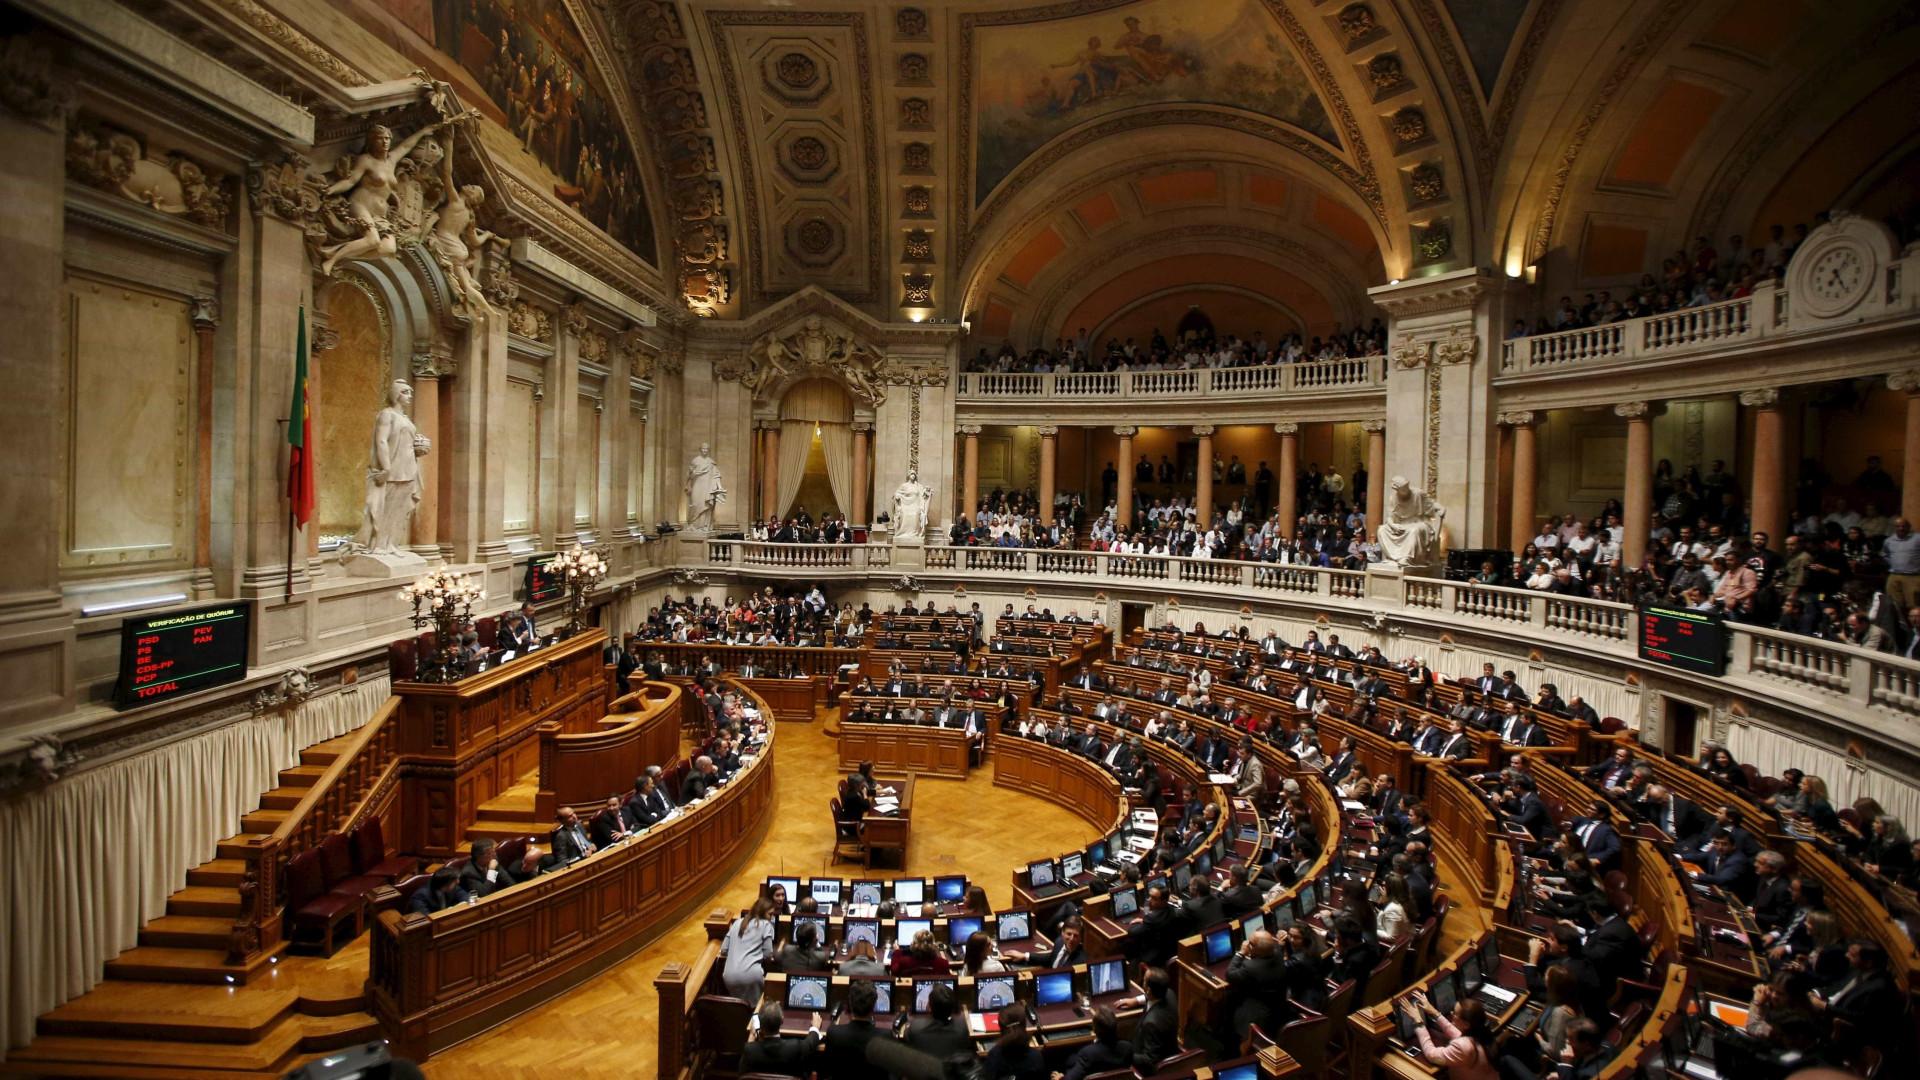 Mais de 1.400 resoluções no parlamento batem recordes desde 2002